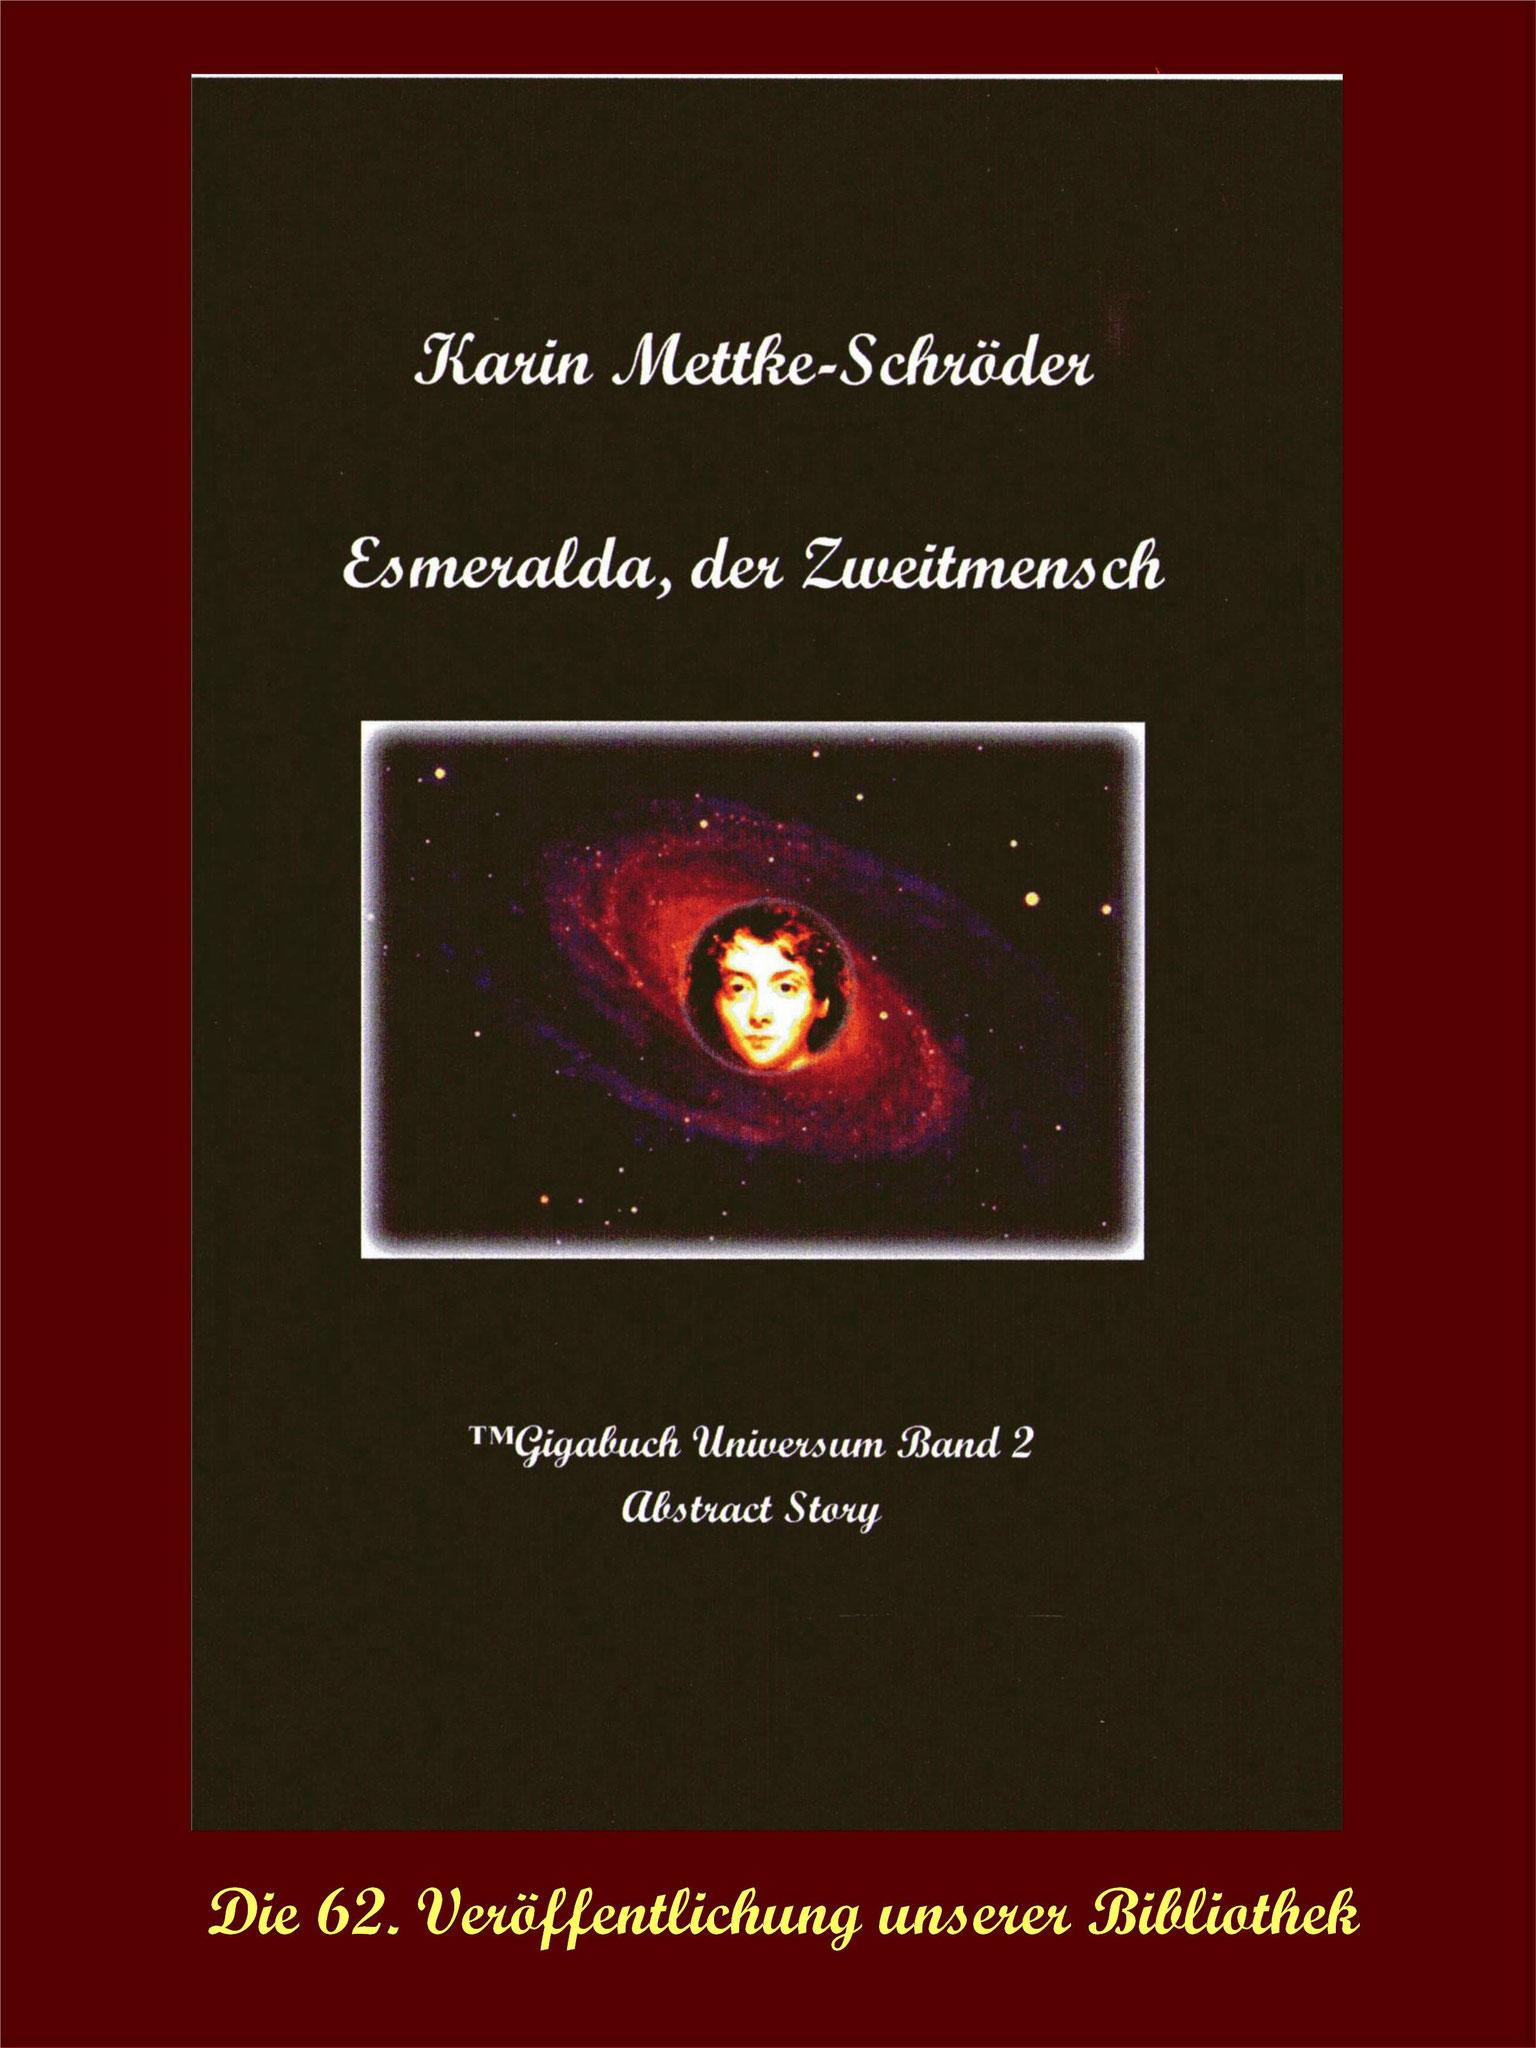 Petra Mettke und Karin Mettke-Schröder-1605